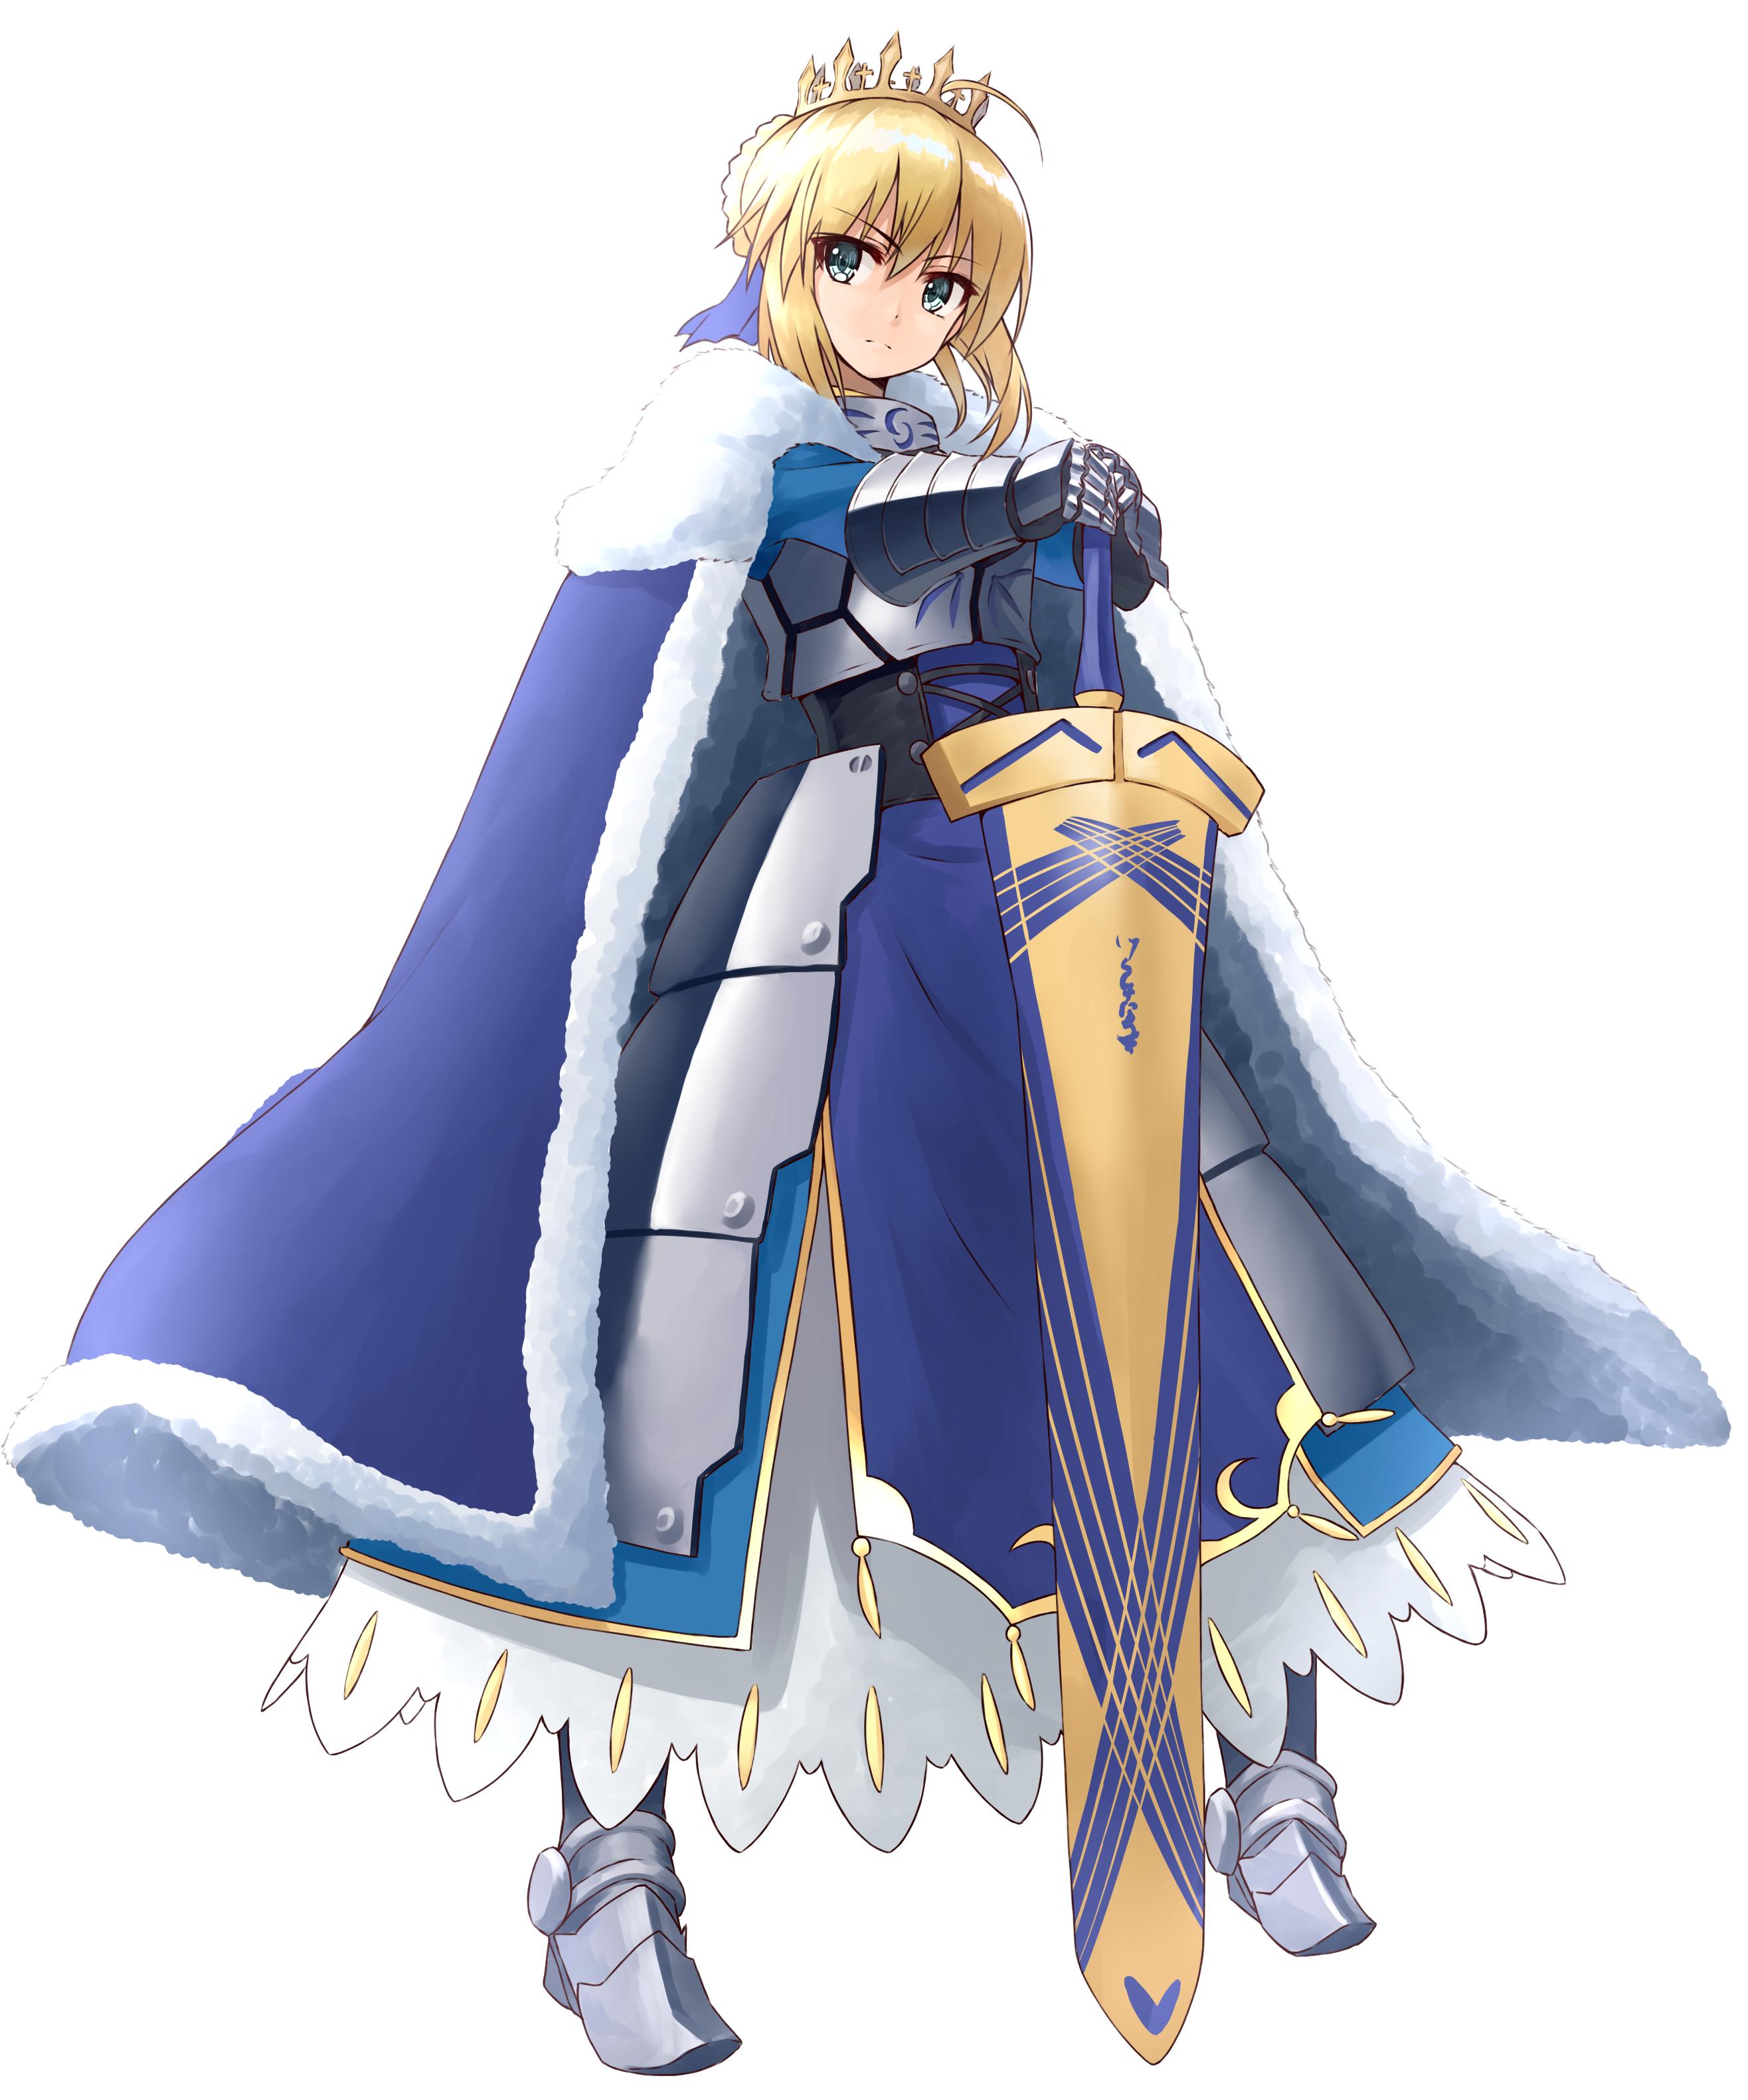 騎士の誓いは破れない anime manga ilustracoes